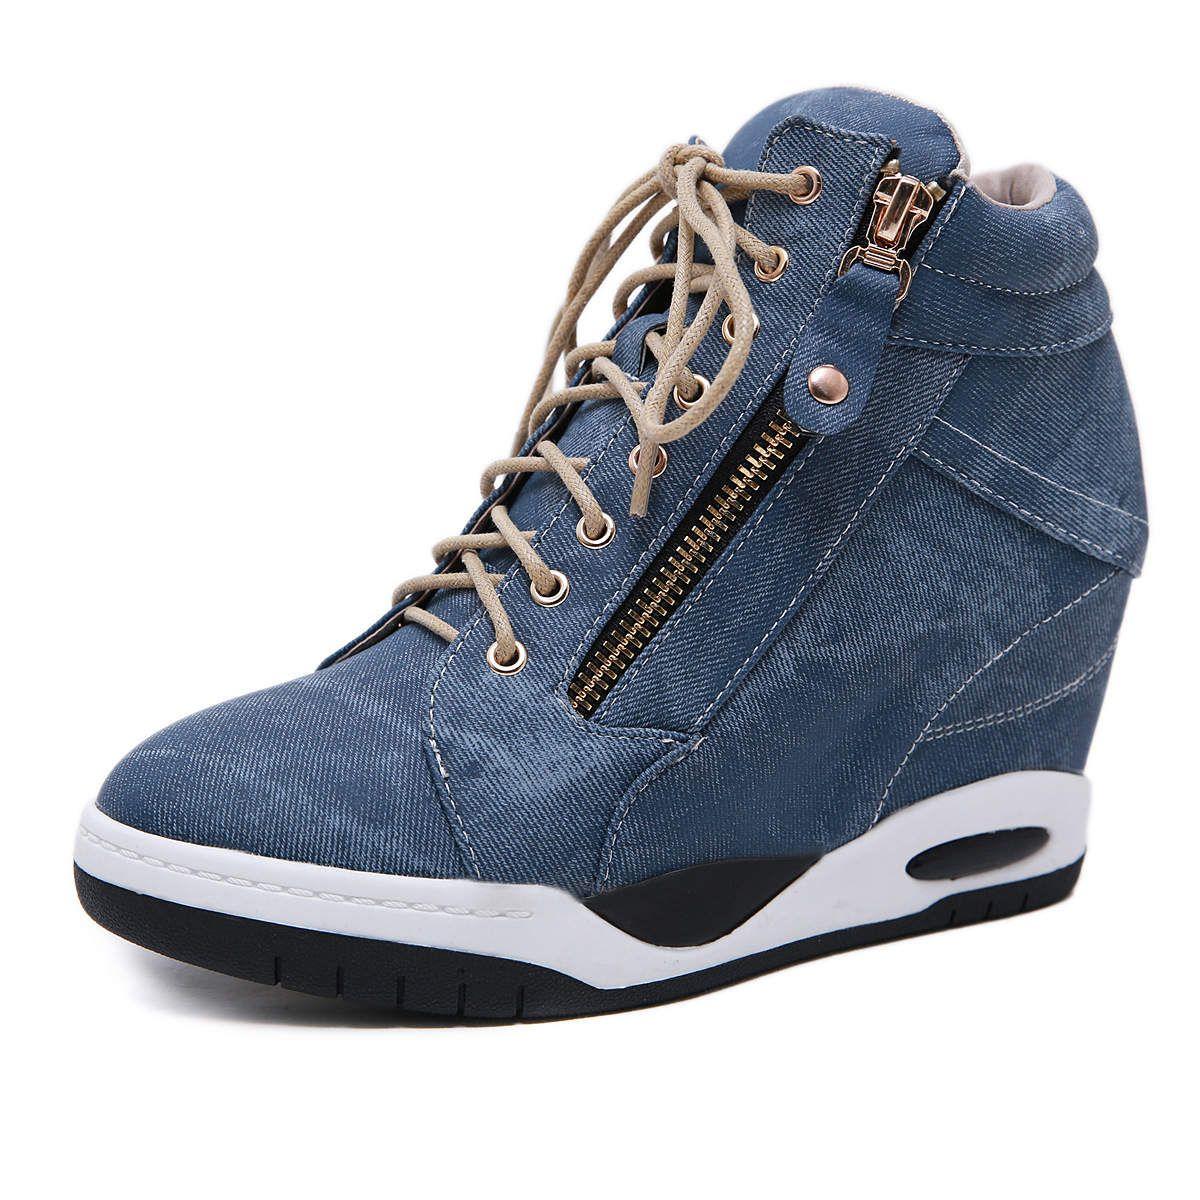 Ladies Wedge Sneakers Women Shoes High